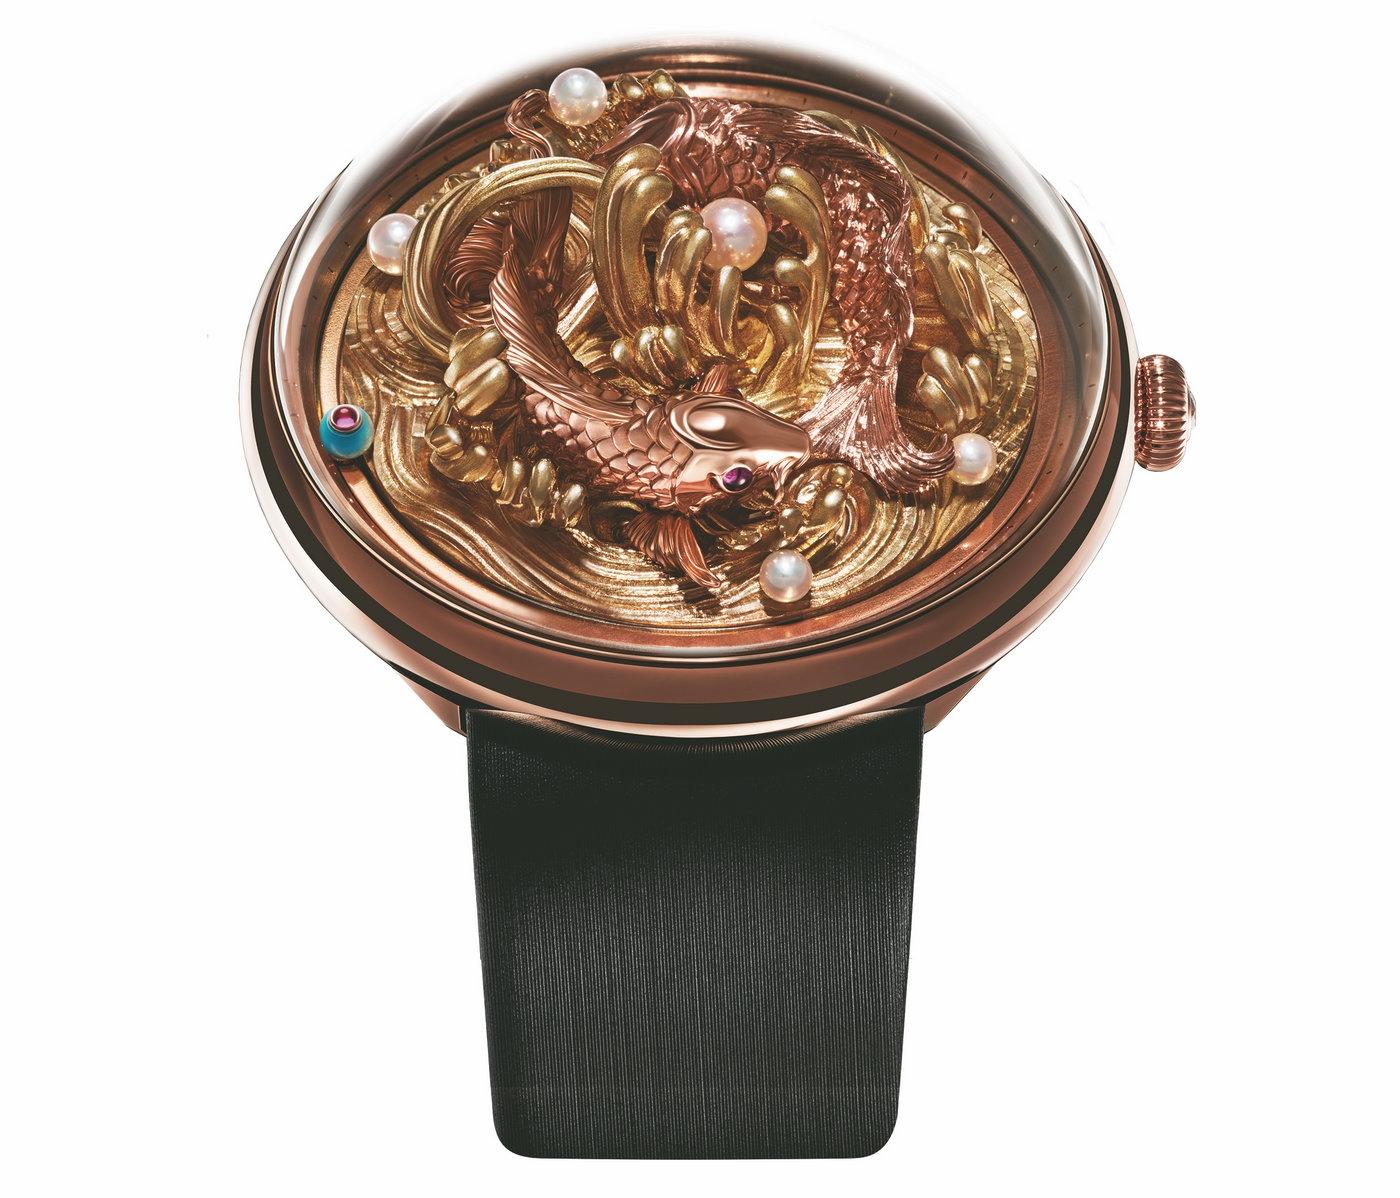 2017巴塞尔钟表展新款东方手作之美,镌刻时光意境 ——飞亚达艺系列精微雕典藏级腕表